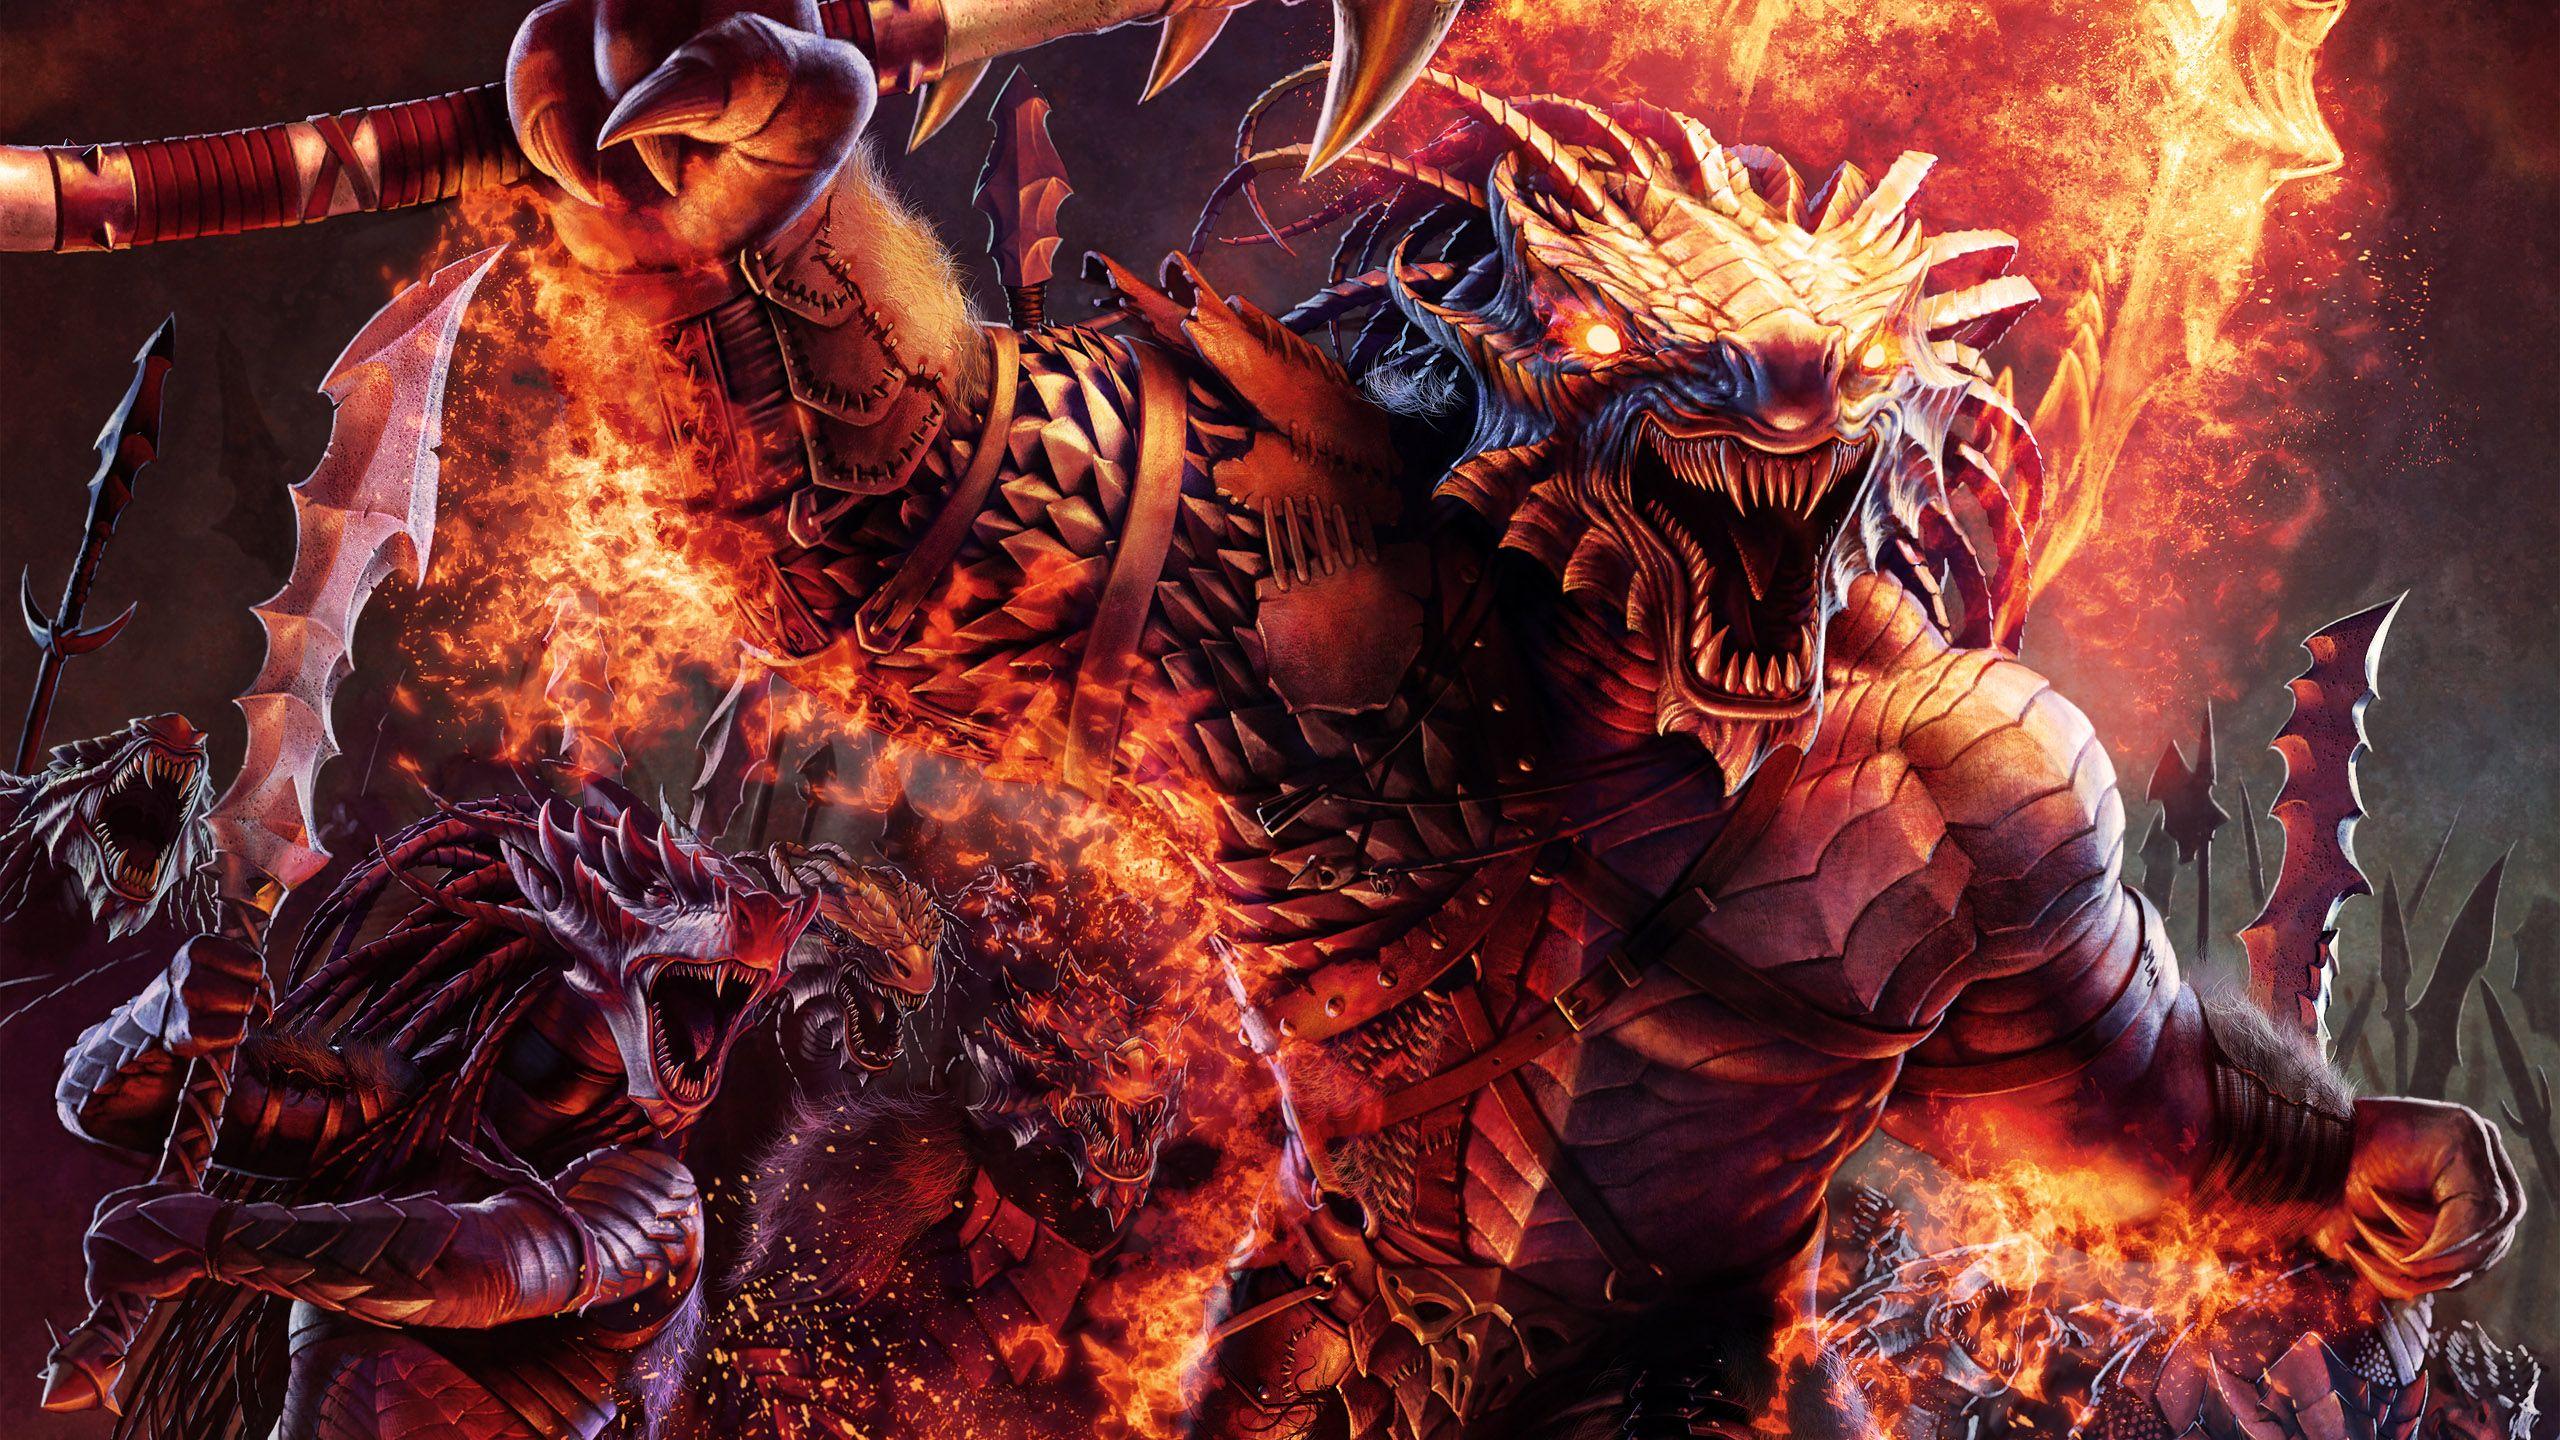 Concept Art Warriors Dragonborn Barbarians Wallpaper 2560x1440